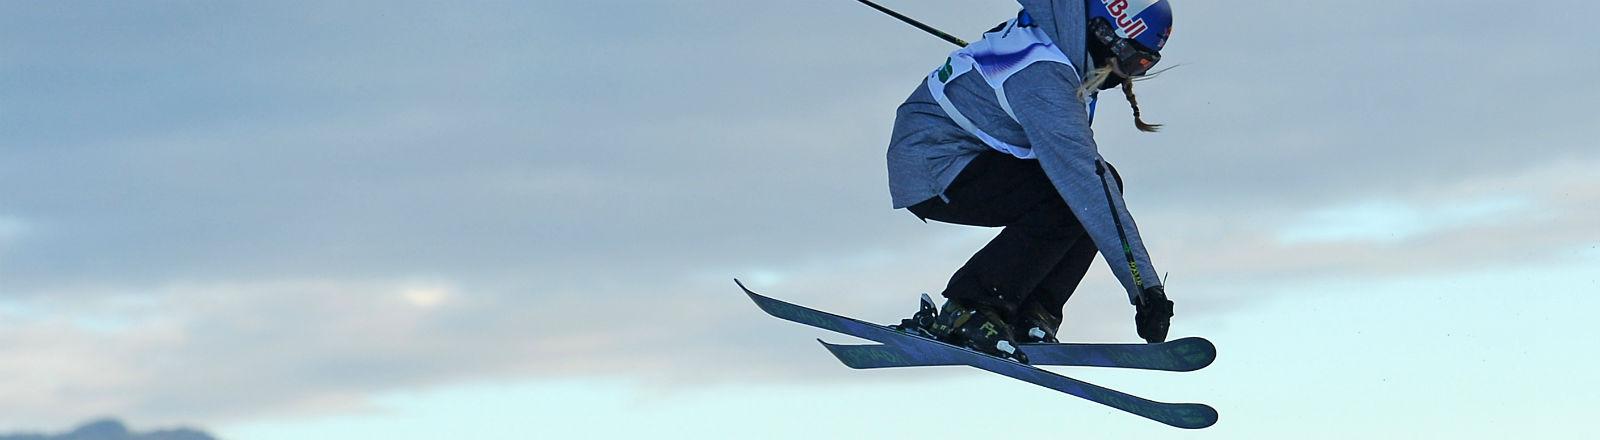 Eine Skifahrerin bei einem Sprung. Bild: dpa